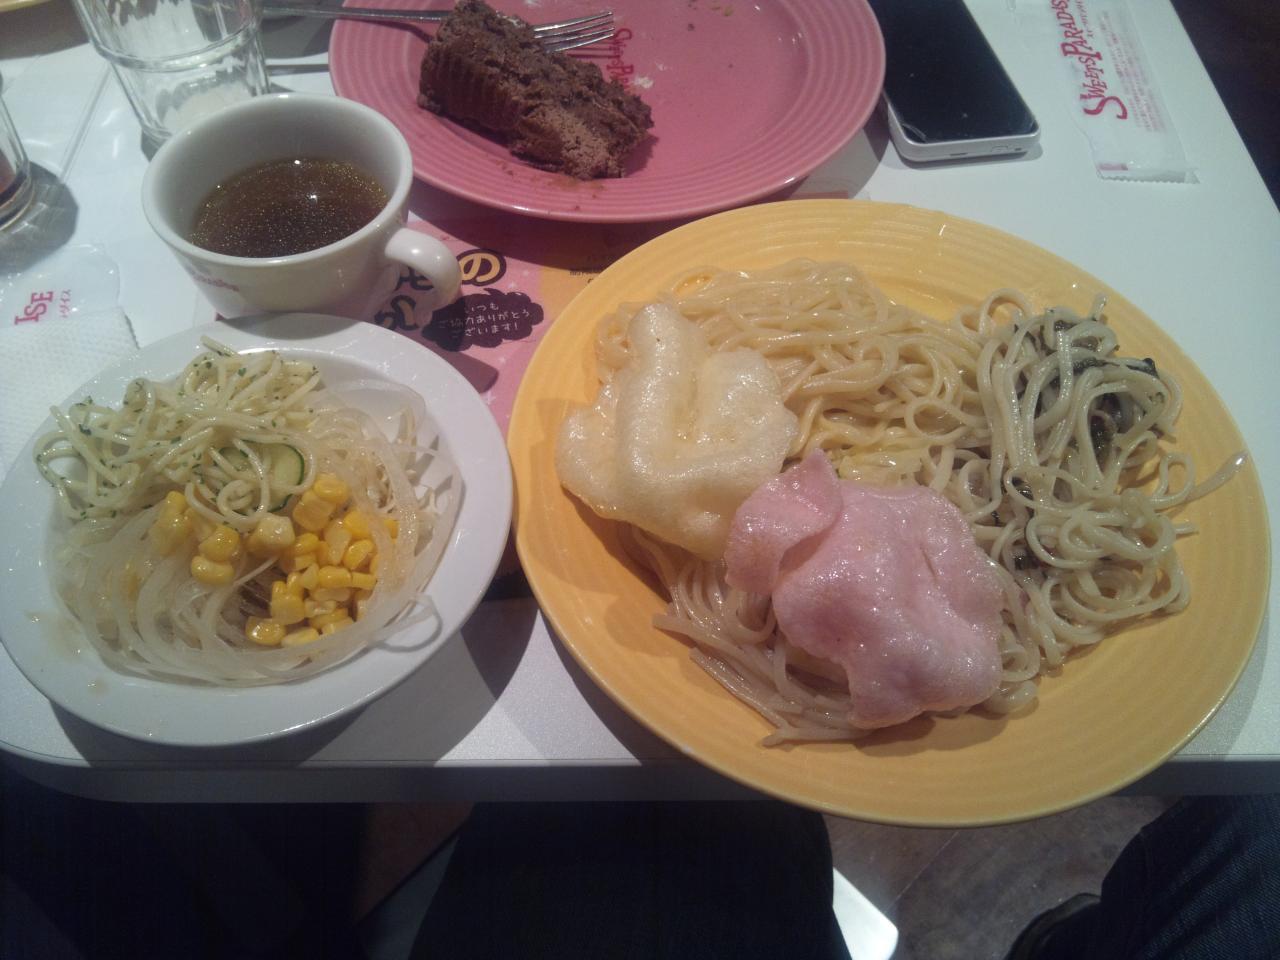 スイーツパラダイス渋谷パルコ店(良理)